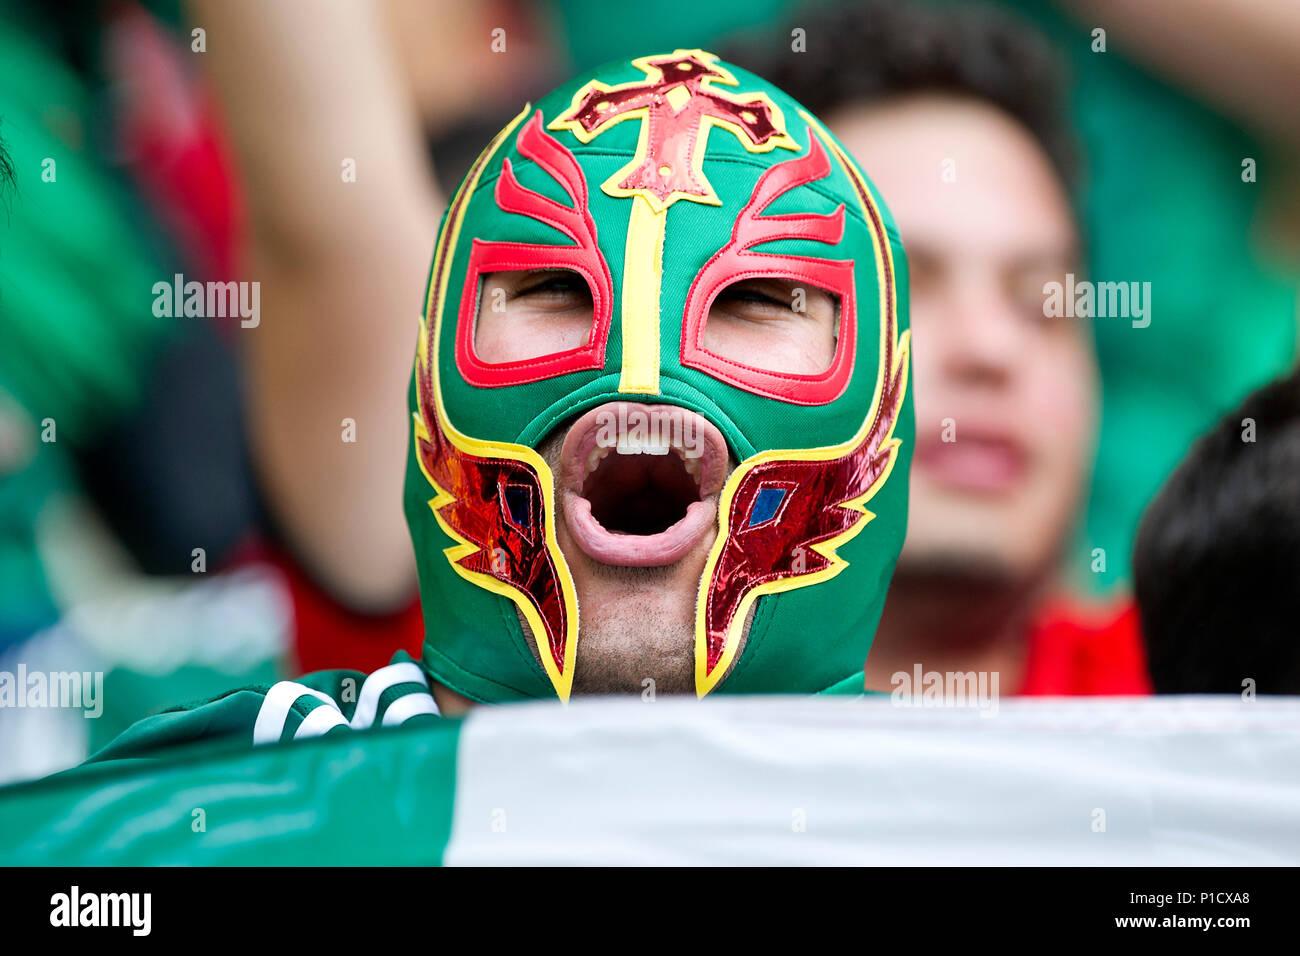 réduction jusqu'à 60% sur des pieds à prix raisonnable Brazil Mexico Stock Photos & Brazil Mexico Stock Images - Alamy